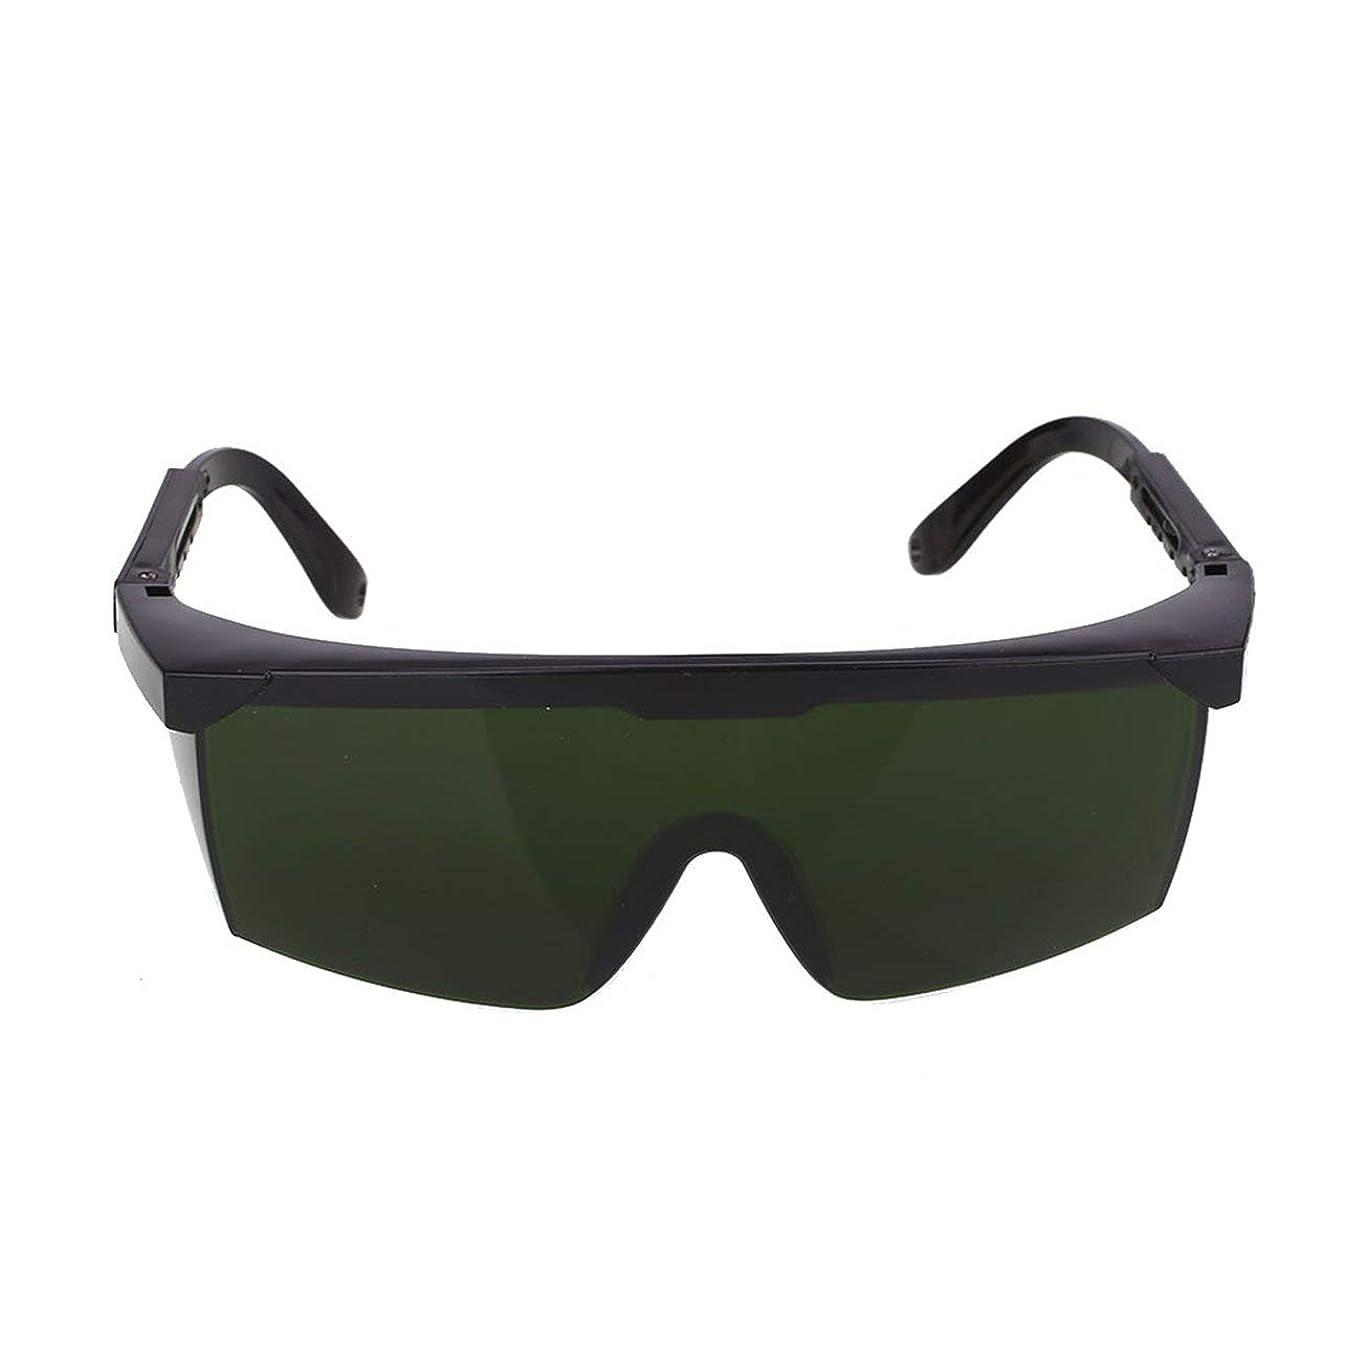 クレーター超える調査DeeploveUU IPL/E-ライト脱毛用安全メガネ保護メガネユニバーサルゴーグルアイウェア